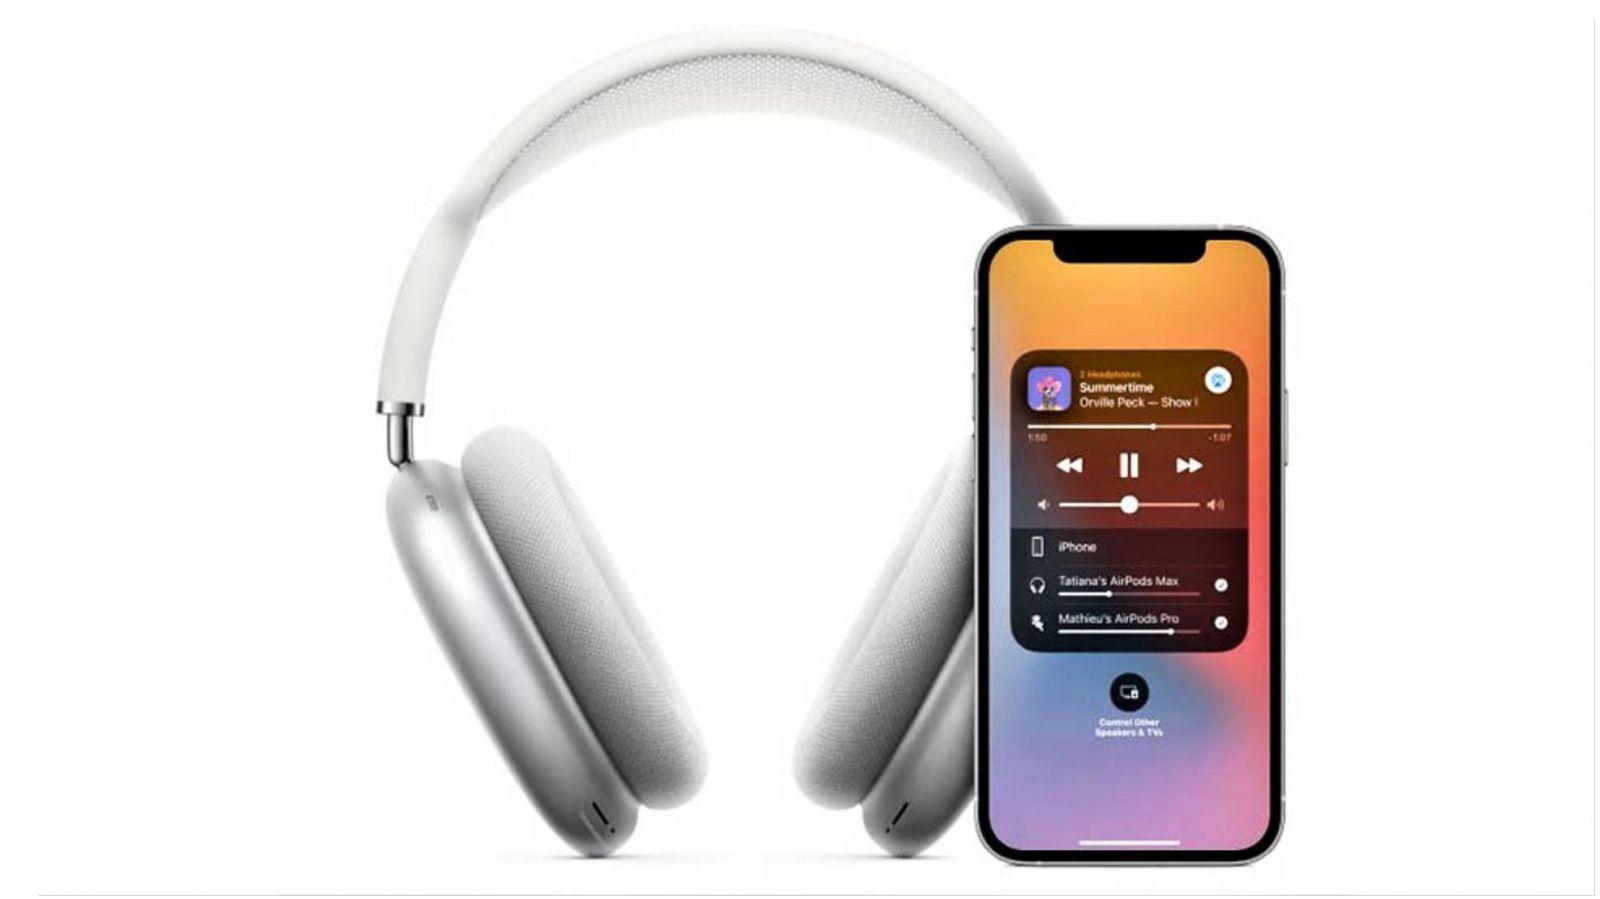 AirPods Max - Chia sẻ âm thanh dễ dàng với một chiếc tai nghe AirPod khác